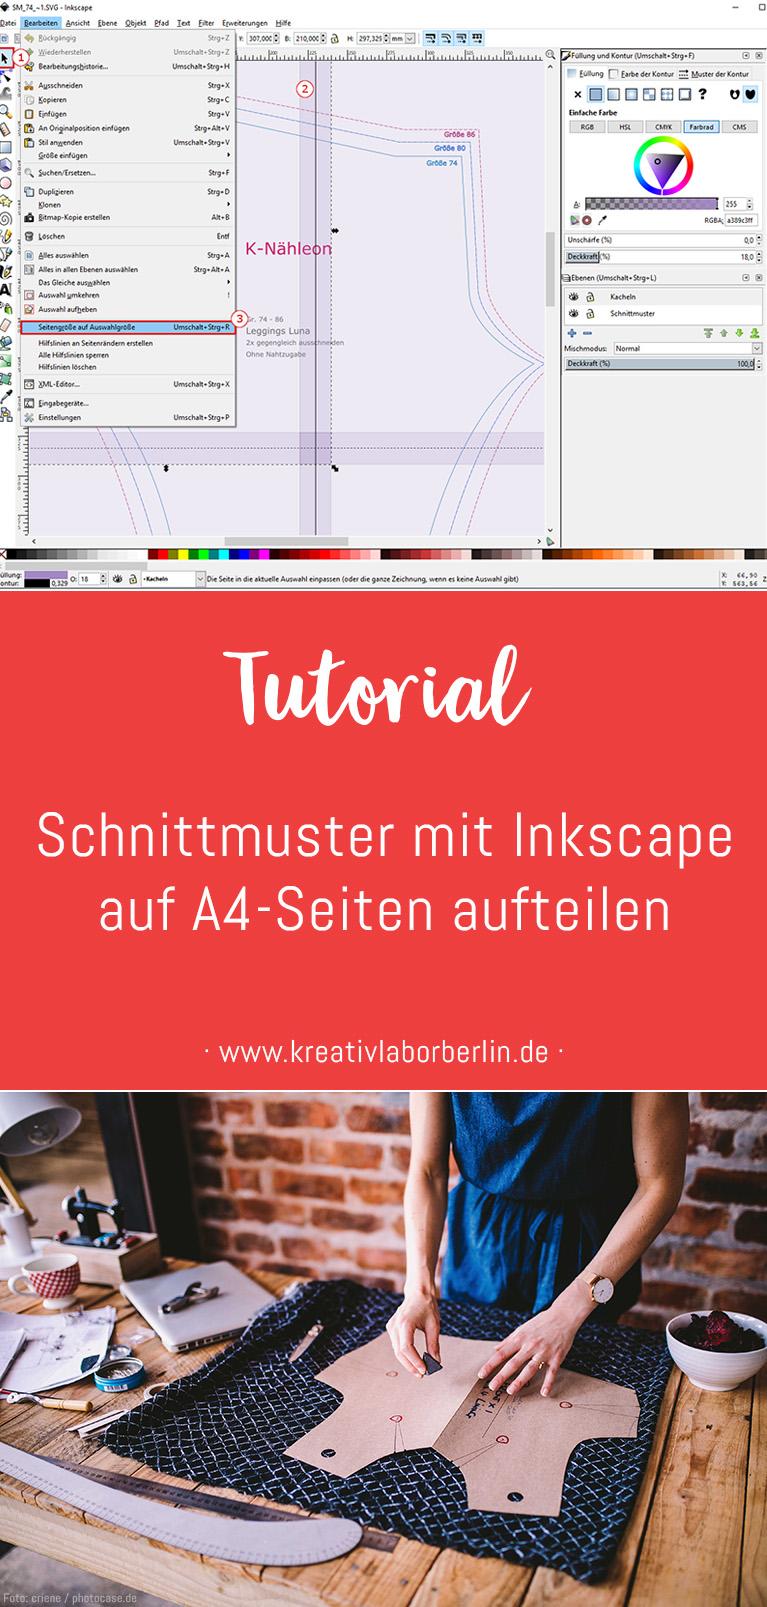 Tutorial: Schnittmuster mit Inkscape auf A4-Seiten aufteilen